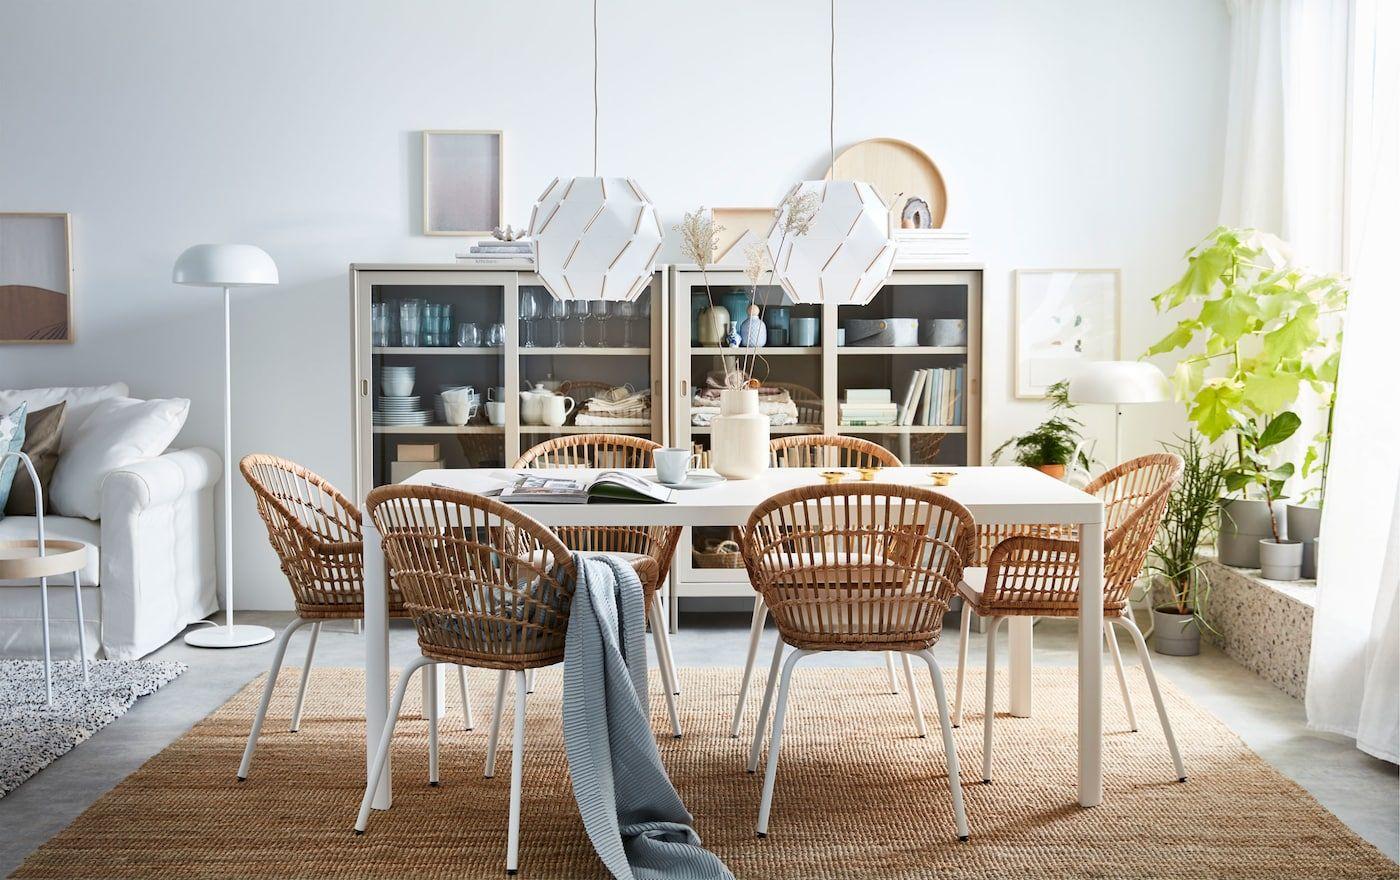 Full Size of Stilvoller Essbereich Mit Rattansthlen Ikea Wohnzimmer Modulküche Betten 160x200 Sofa Schlaffunktion Miniküche Küche Kosten Bei Kaufen Wohnzimmer Hängelampen Ikea